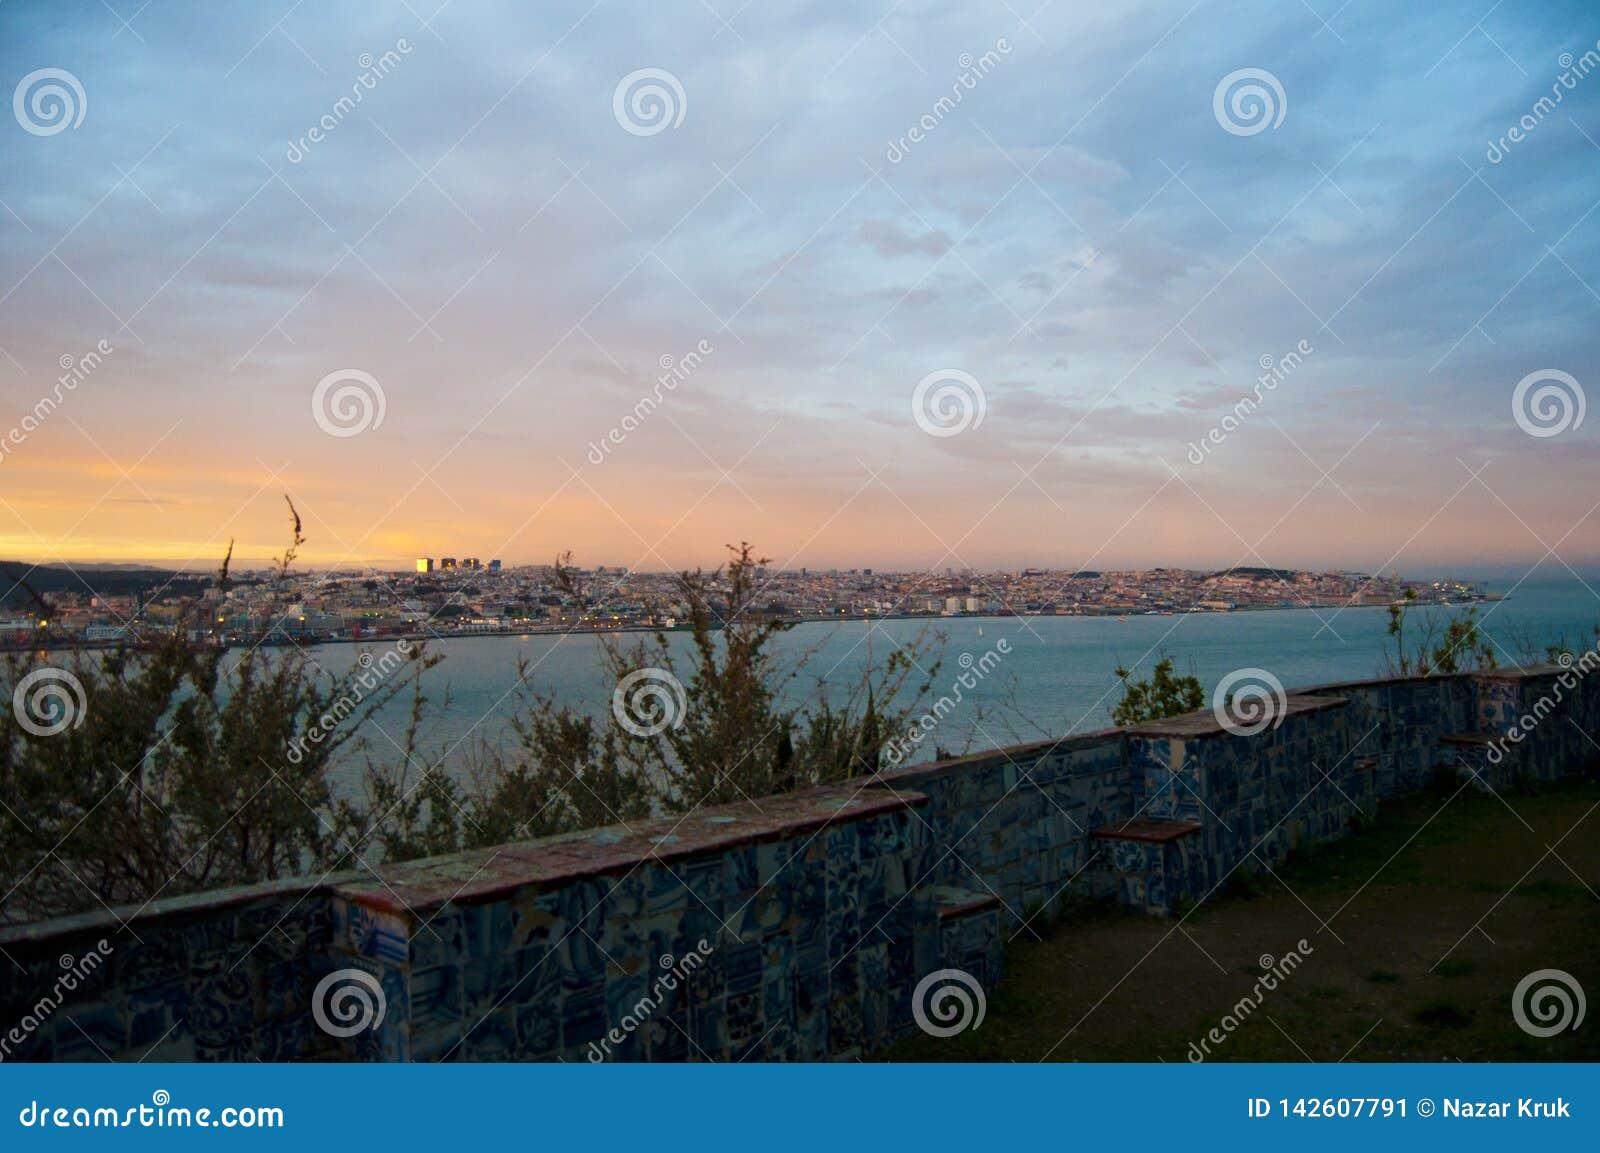 Portugal lissabon veranschaulichung himmel landschaft Fluss landschaft Sonnenuntergang